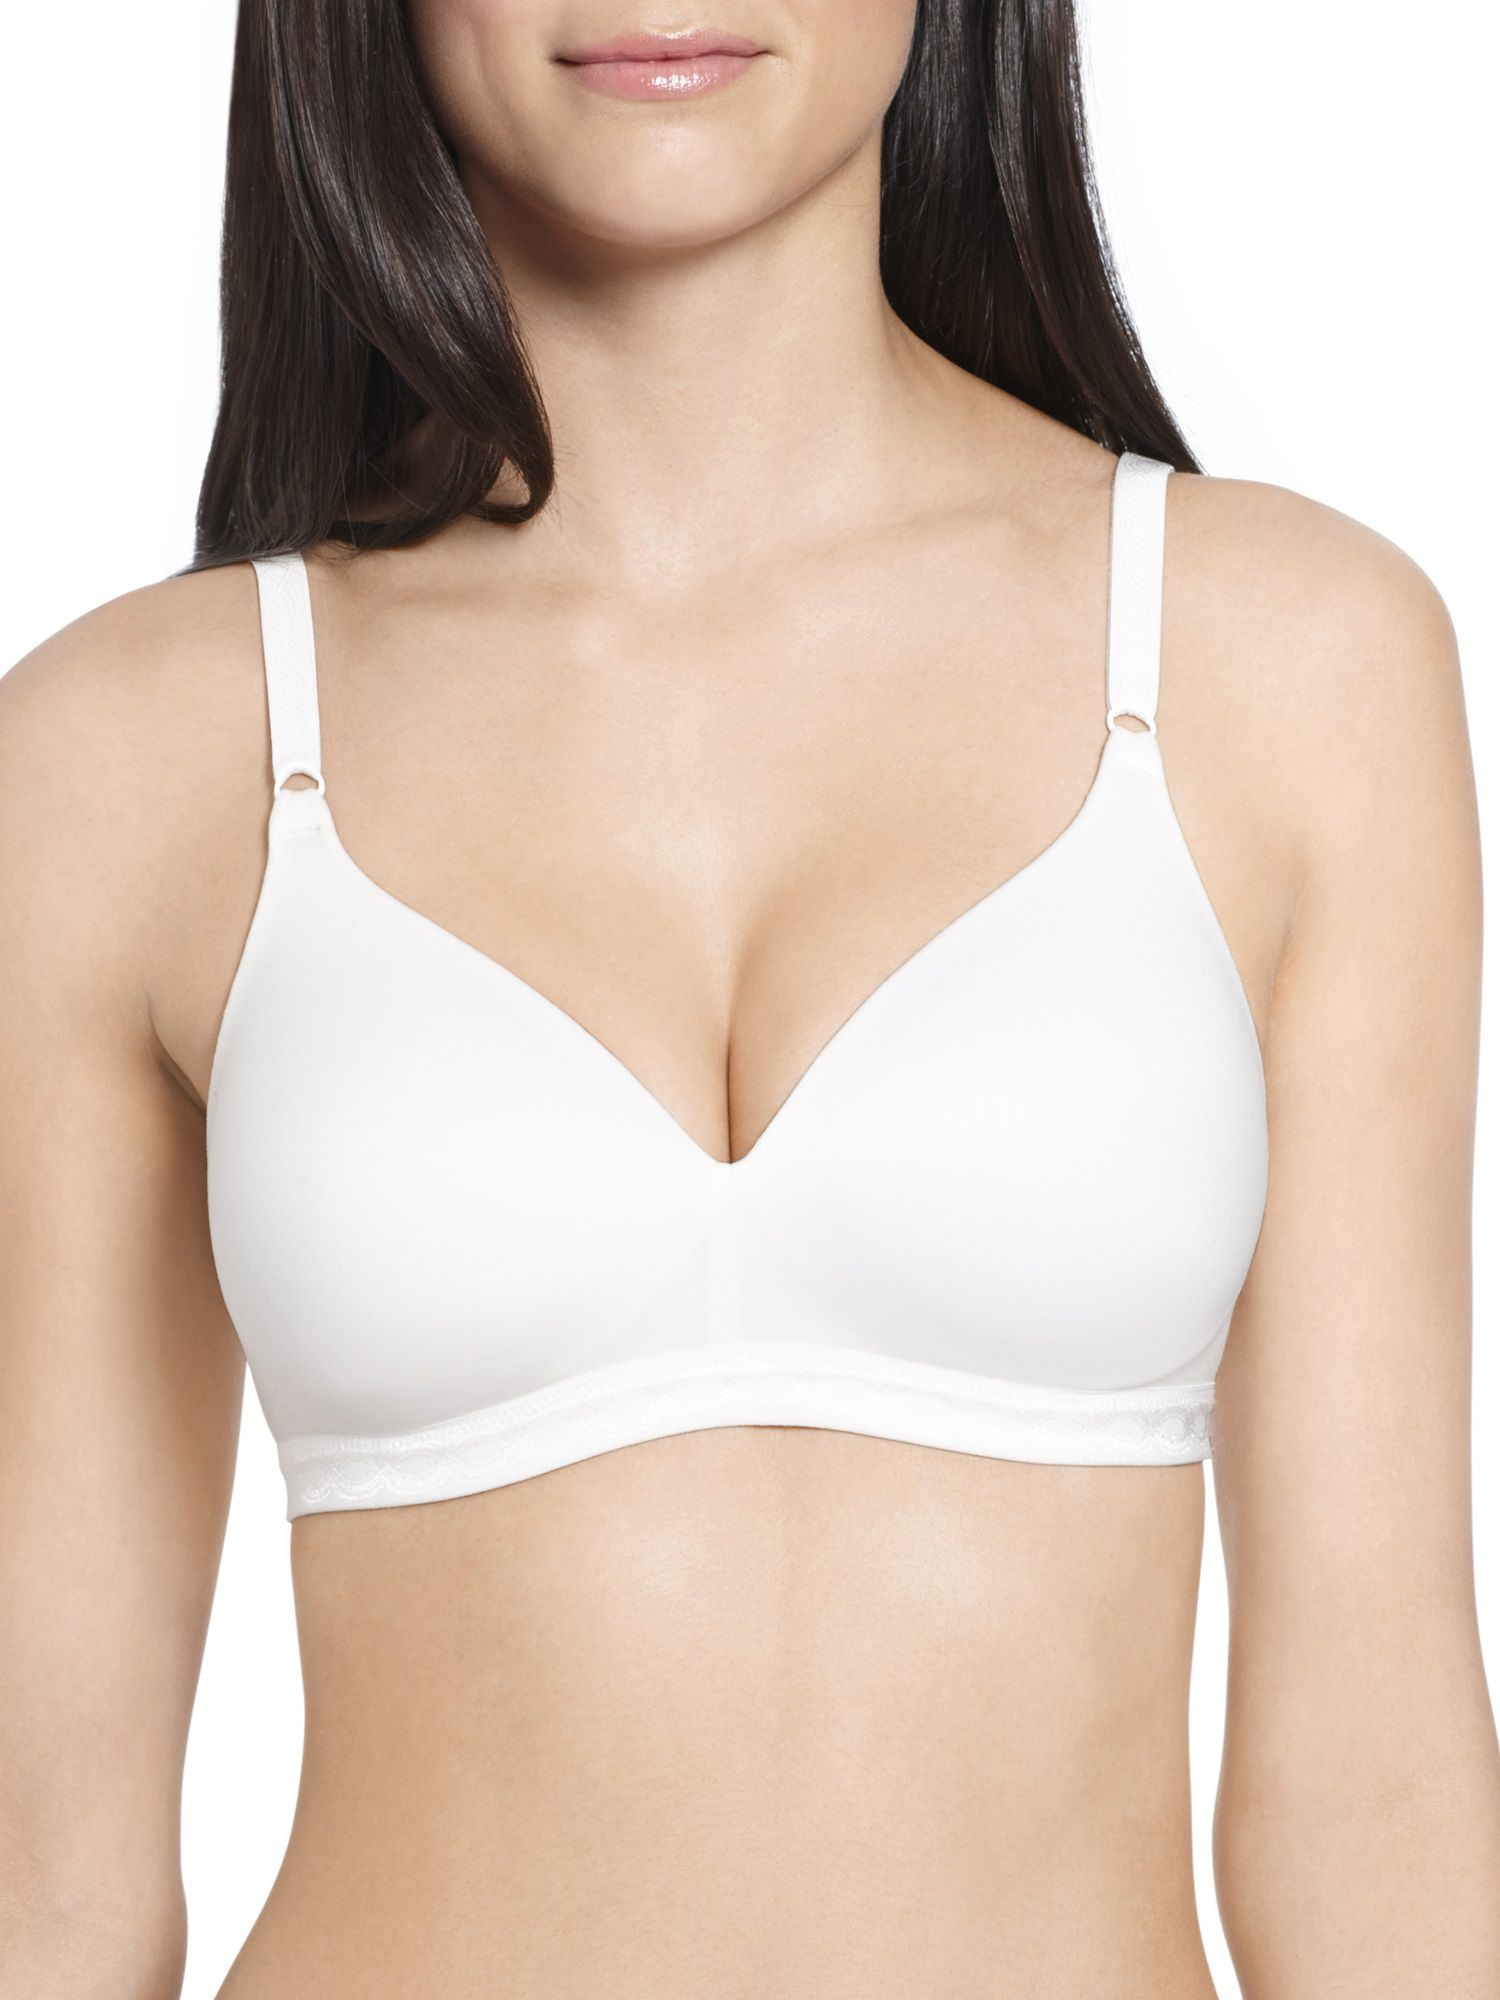 5d25f72417 Women s cloud 9 wire-free bra